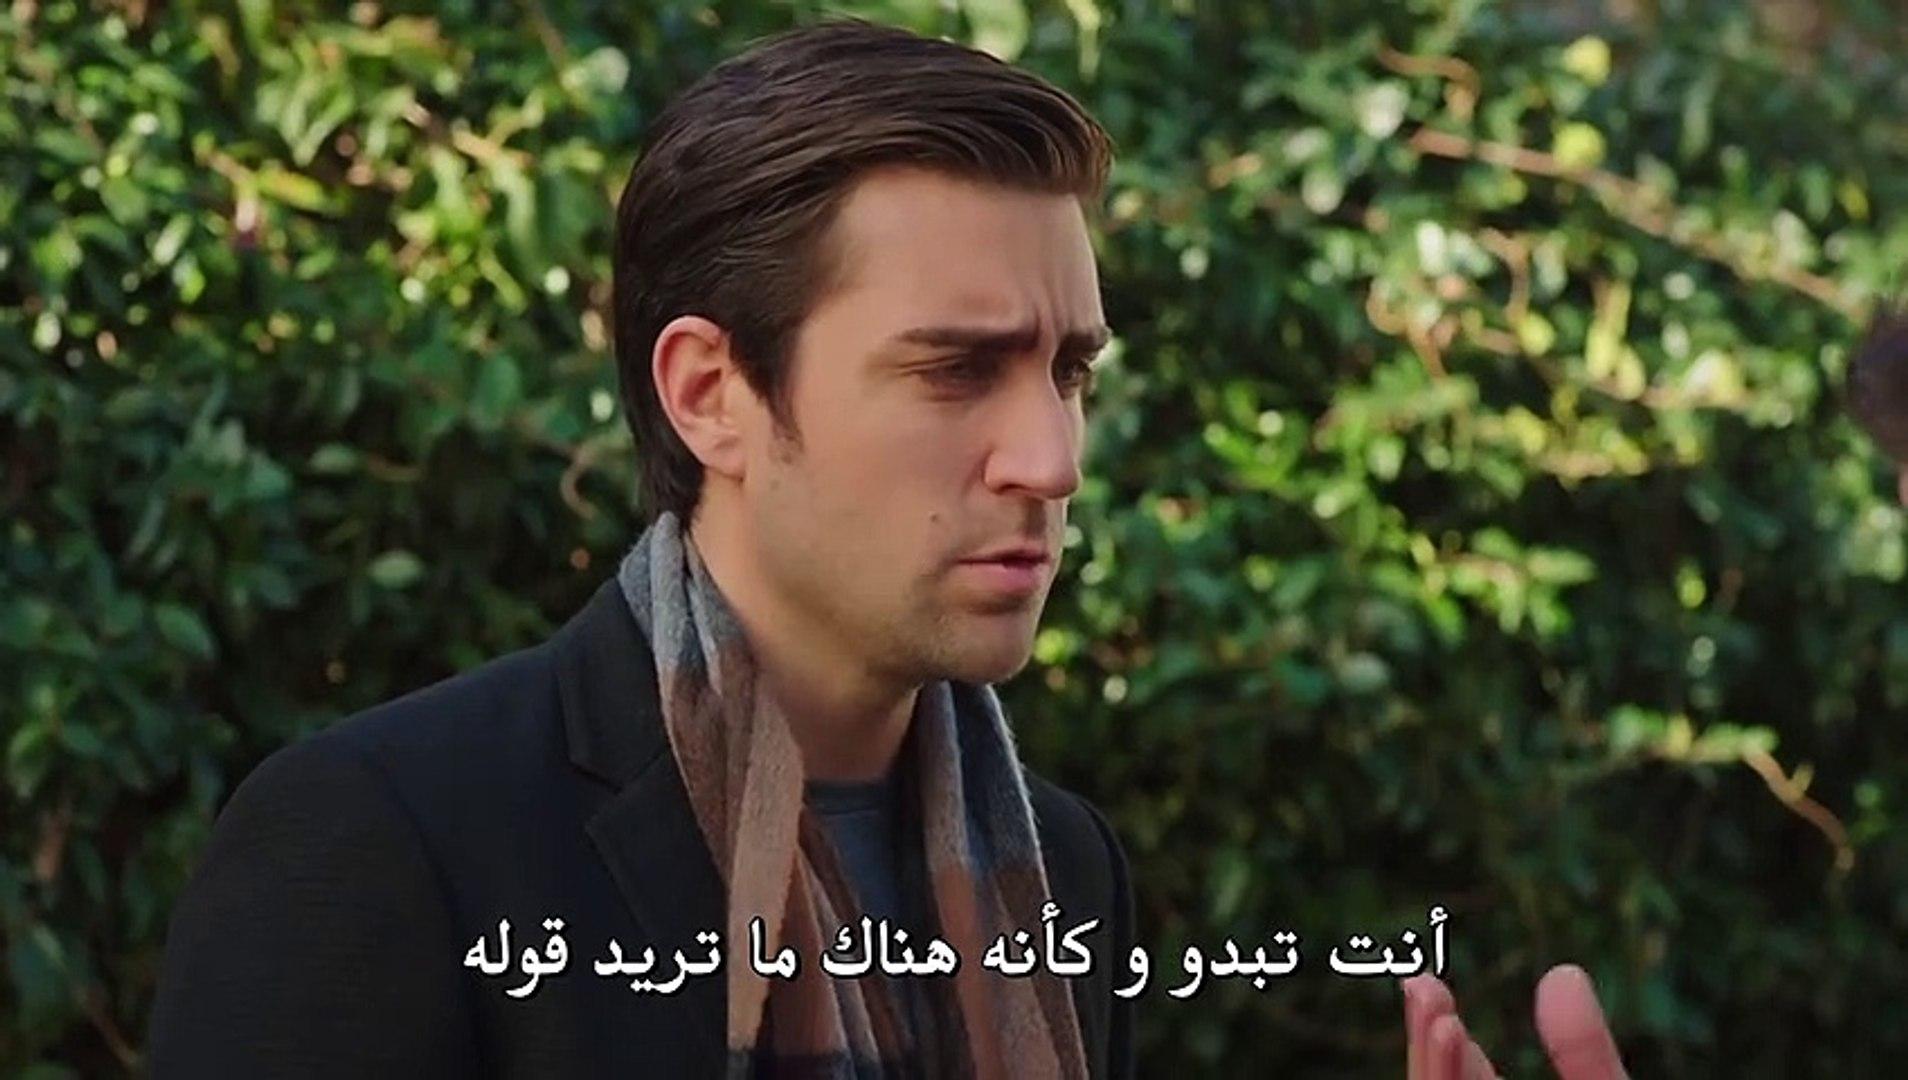 مسلسل فضيلة و بناتها الموسم الثاني مترجم للعربية الحلقة 15 القسم 2 Video Dailymotion